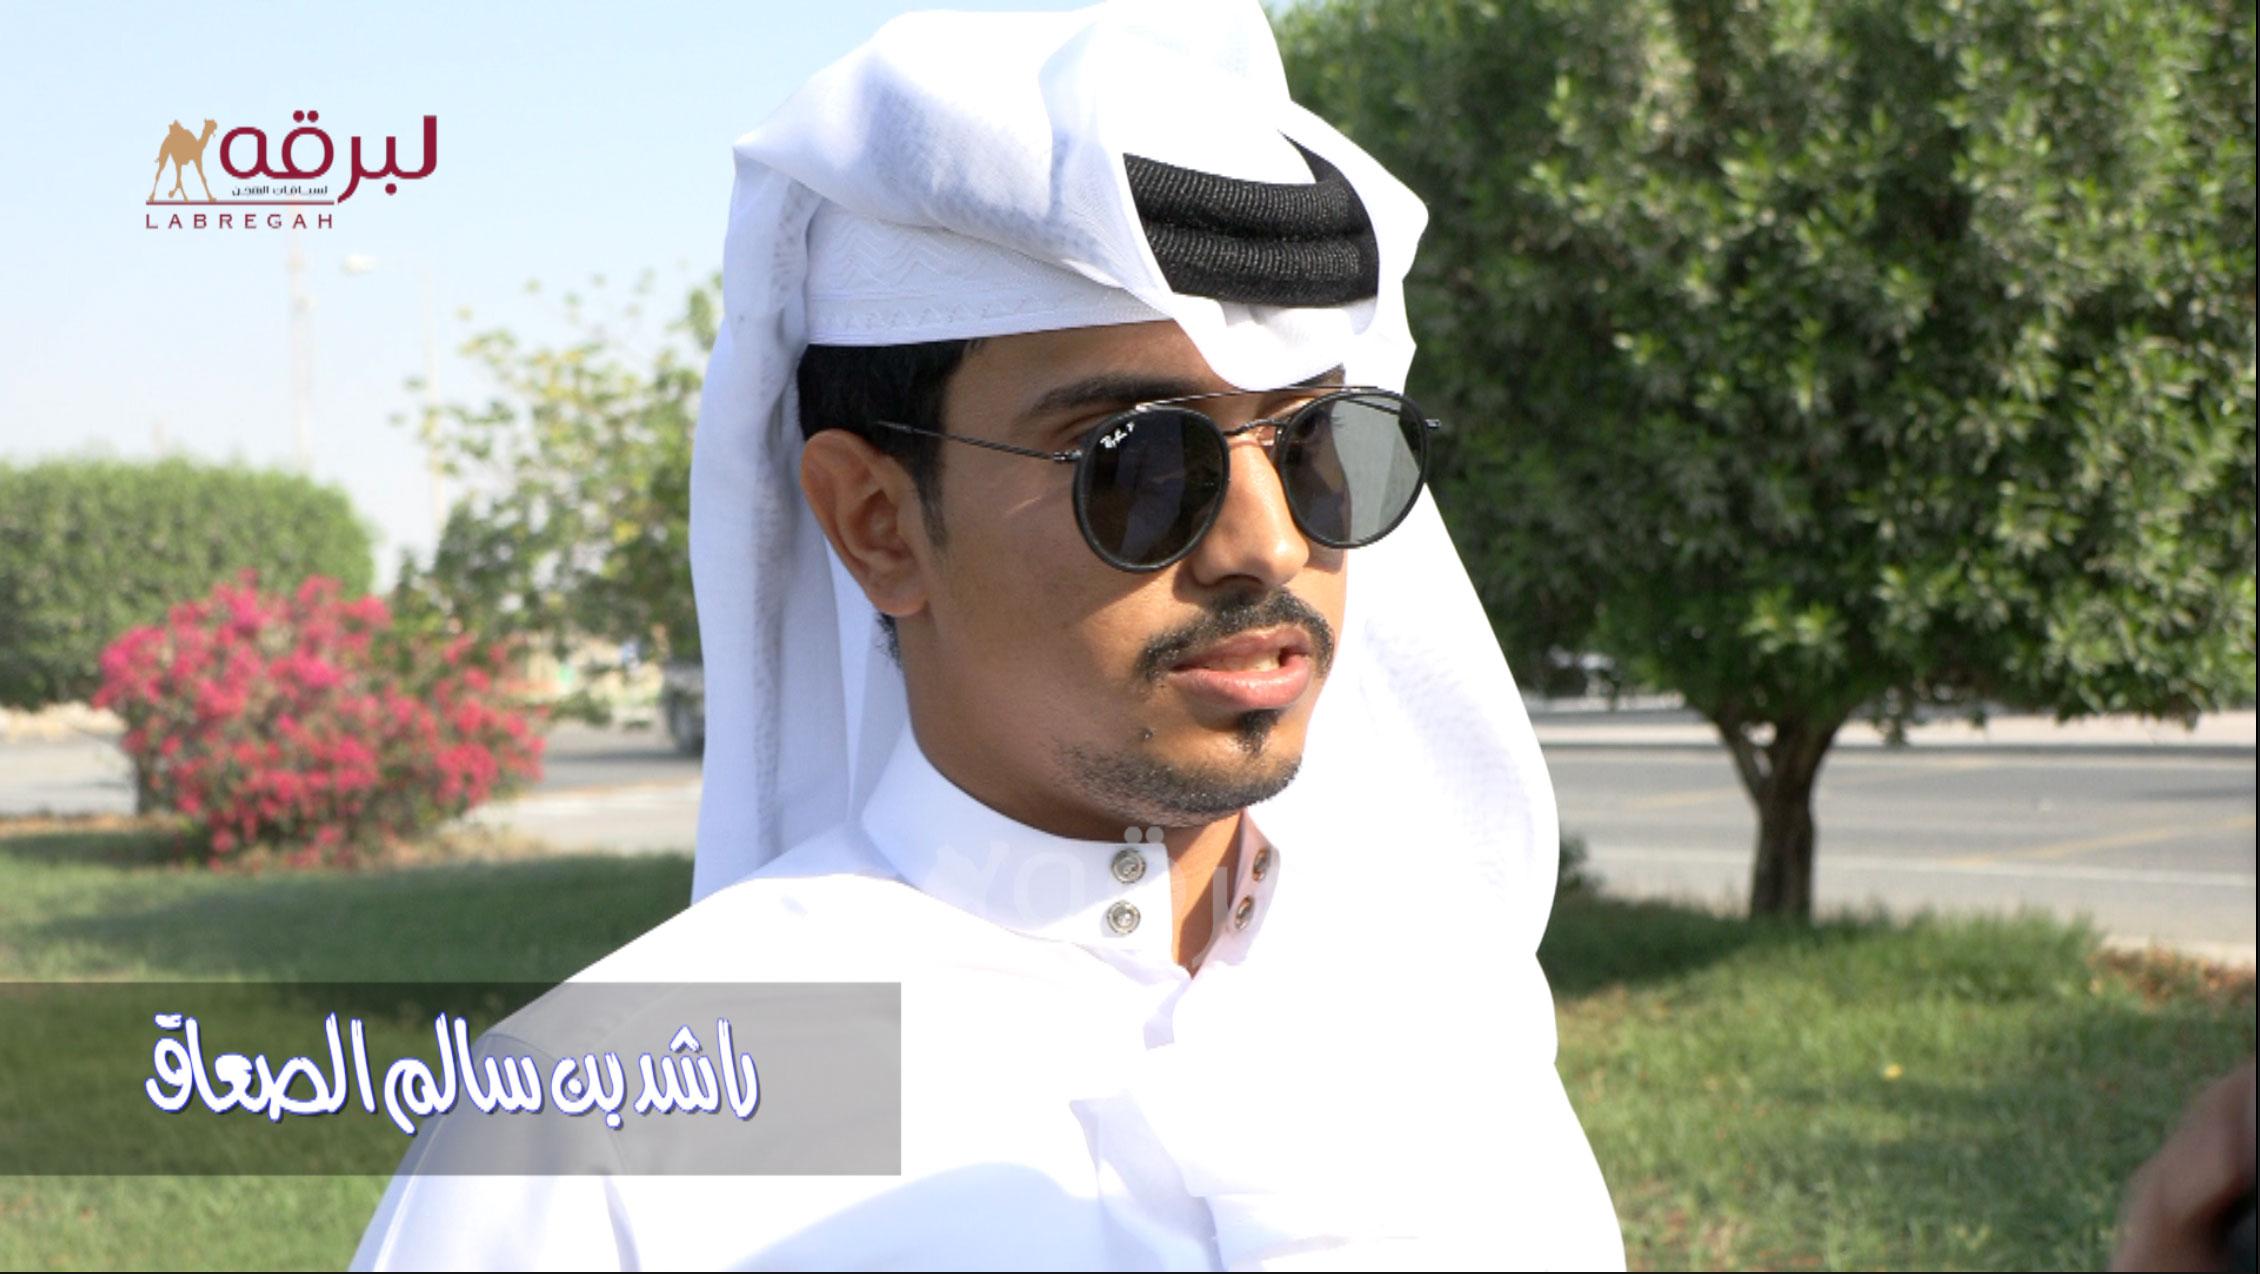 لقاء مع راشد بن سالم الصعاق.. الشوط الرئيسي للثنايا بكار (إنتاج) الأشواط العامة ١٤-١٠-٢٠٢١